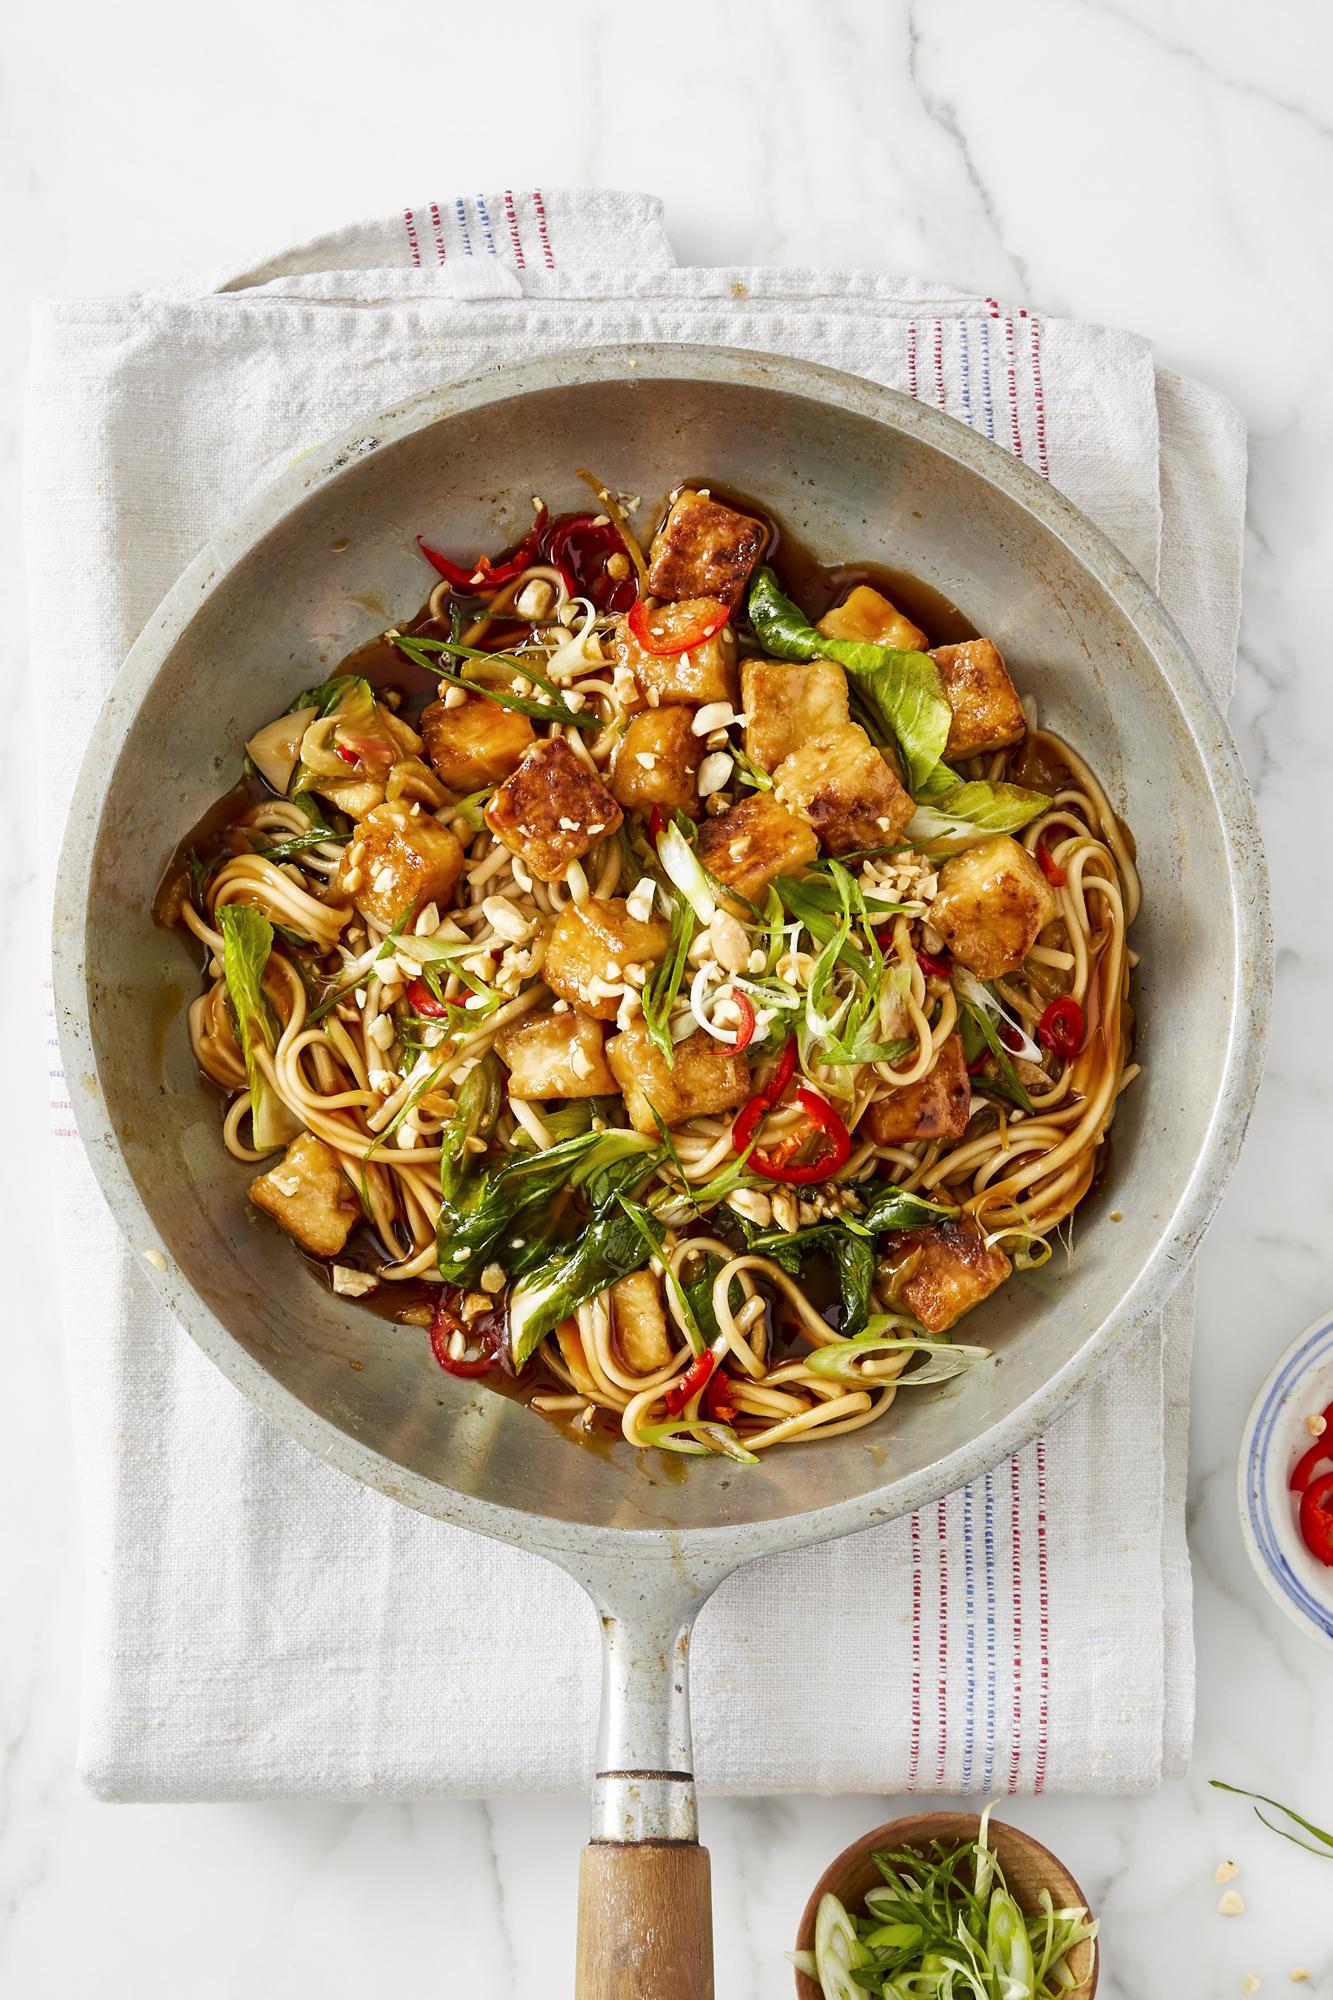 Vegetarian Recipes With Tofu